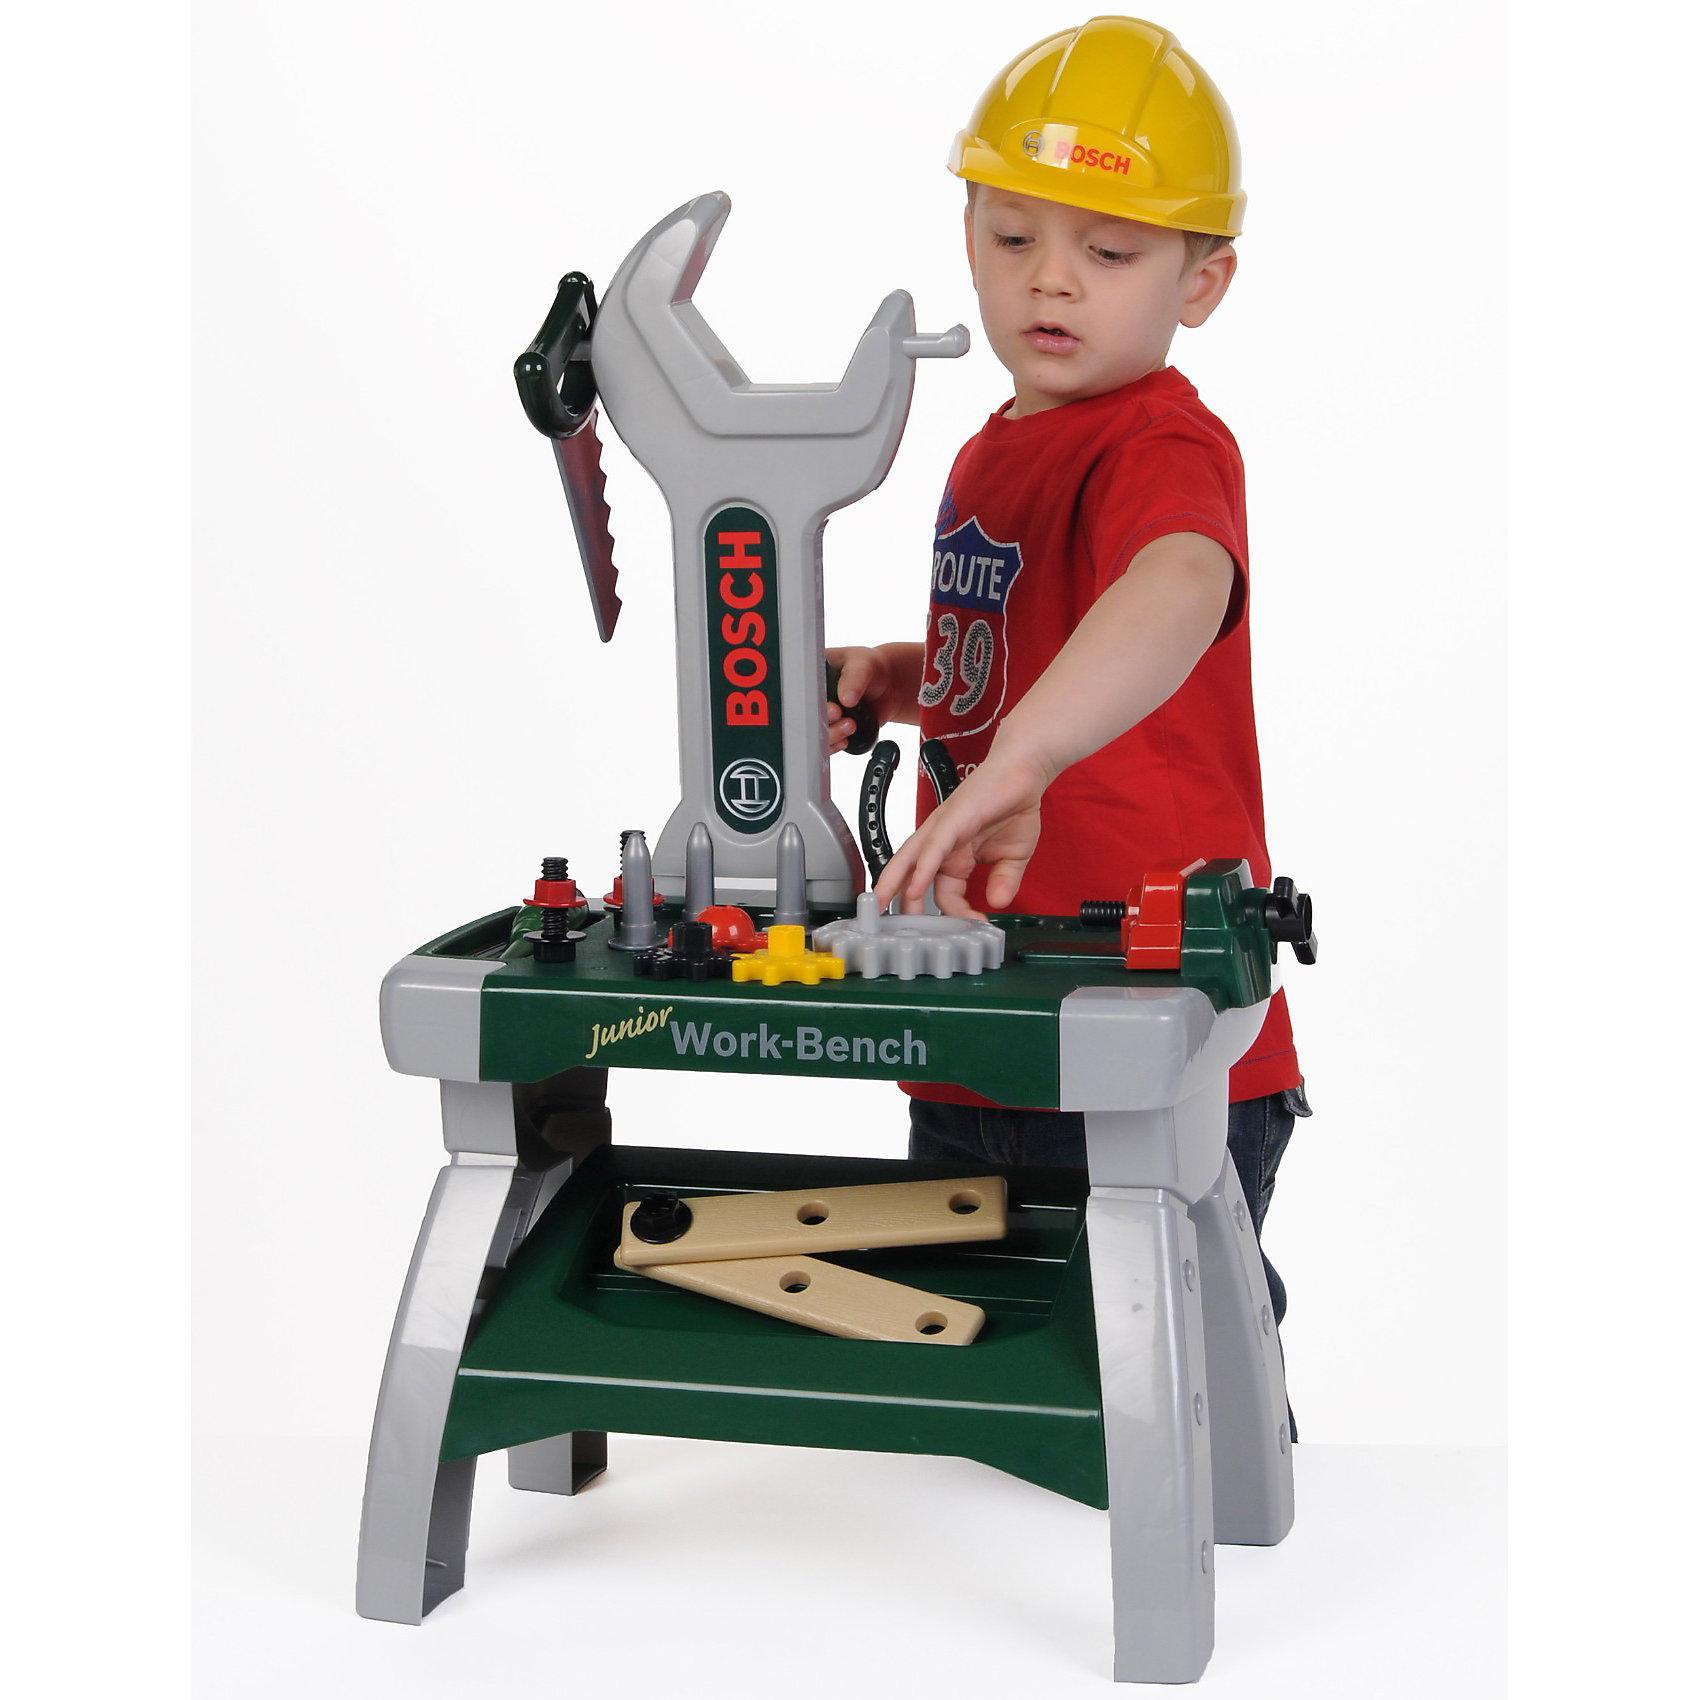 klein Верстак с инструментами Bosch Junior, Klein конструктор klein bosch собери машинку 3 в 1 8168